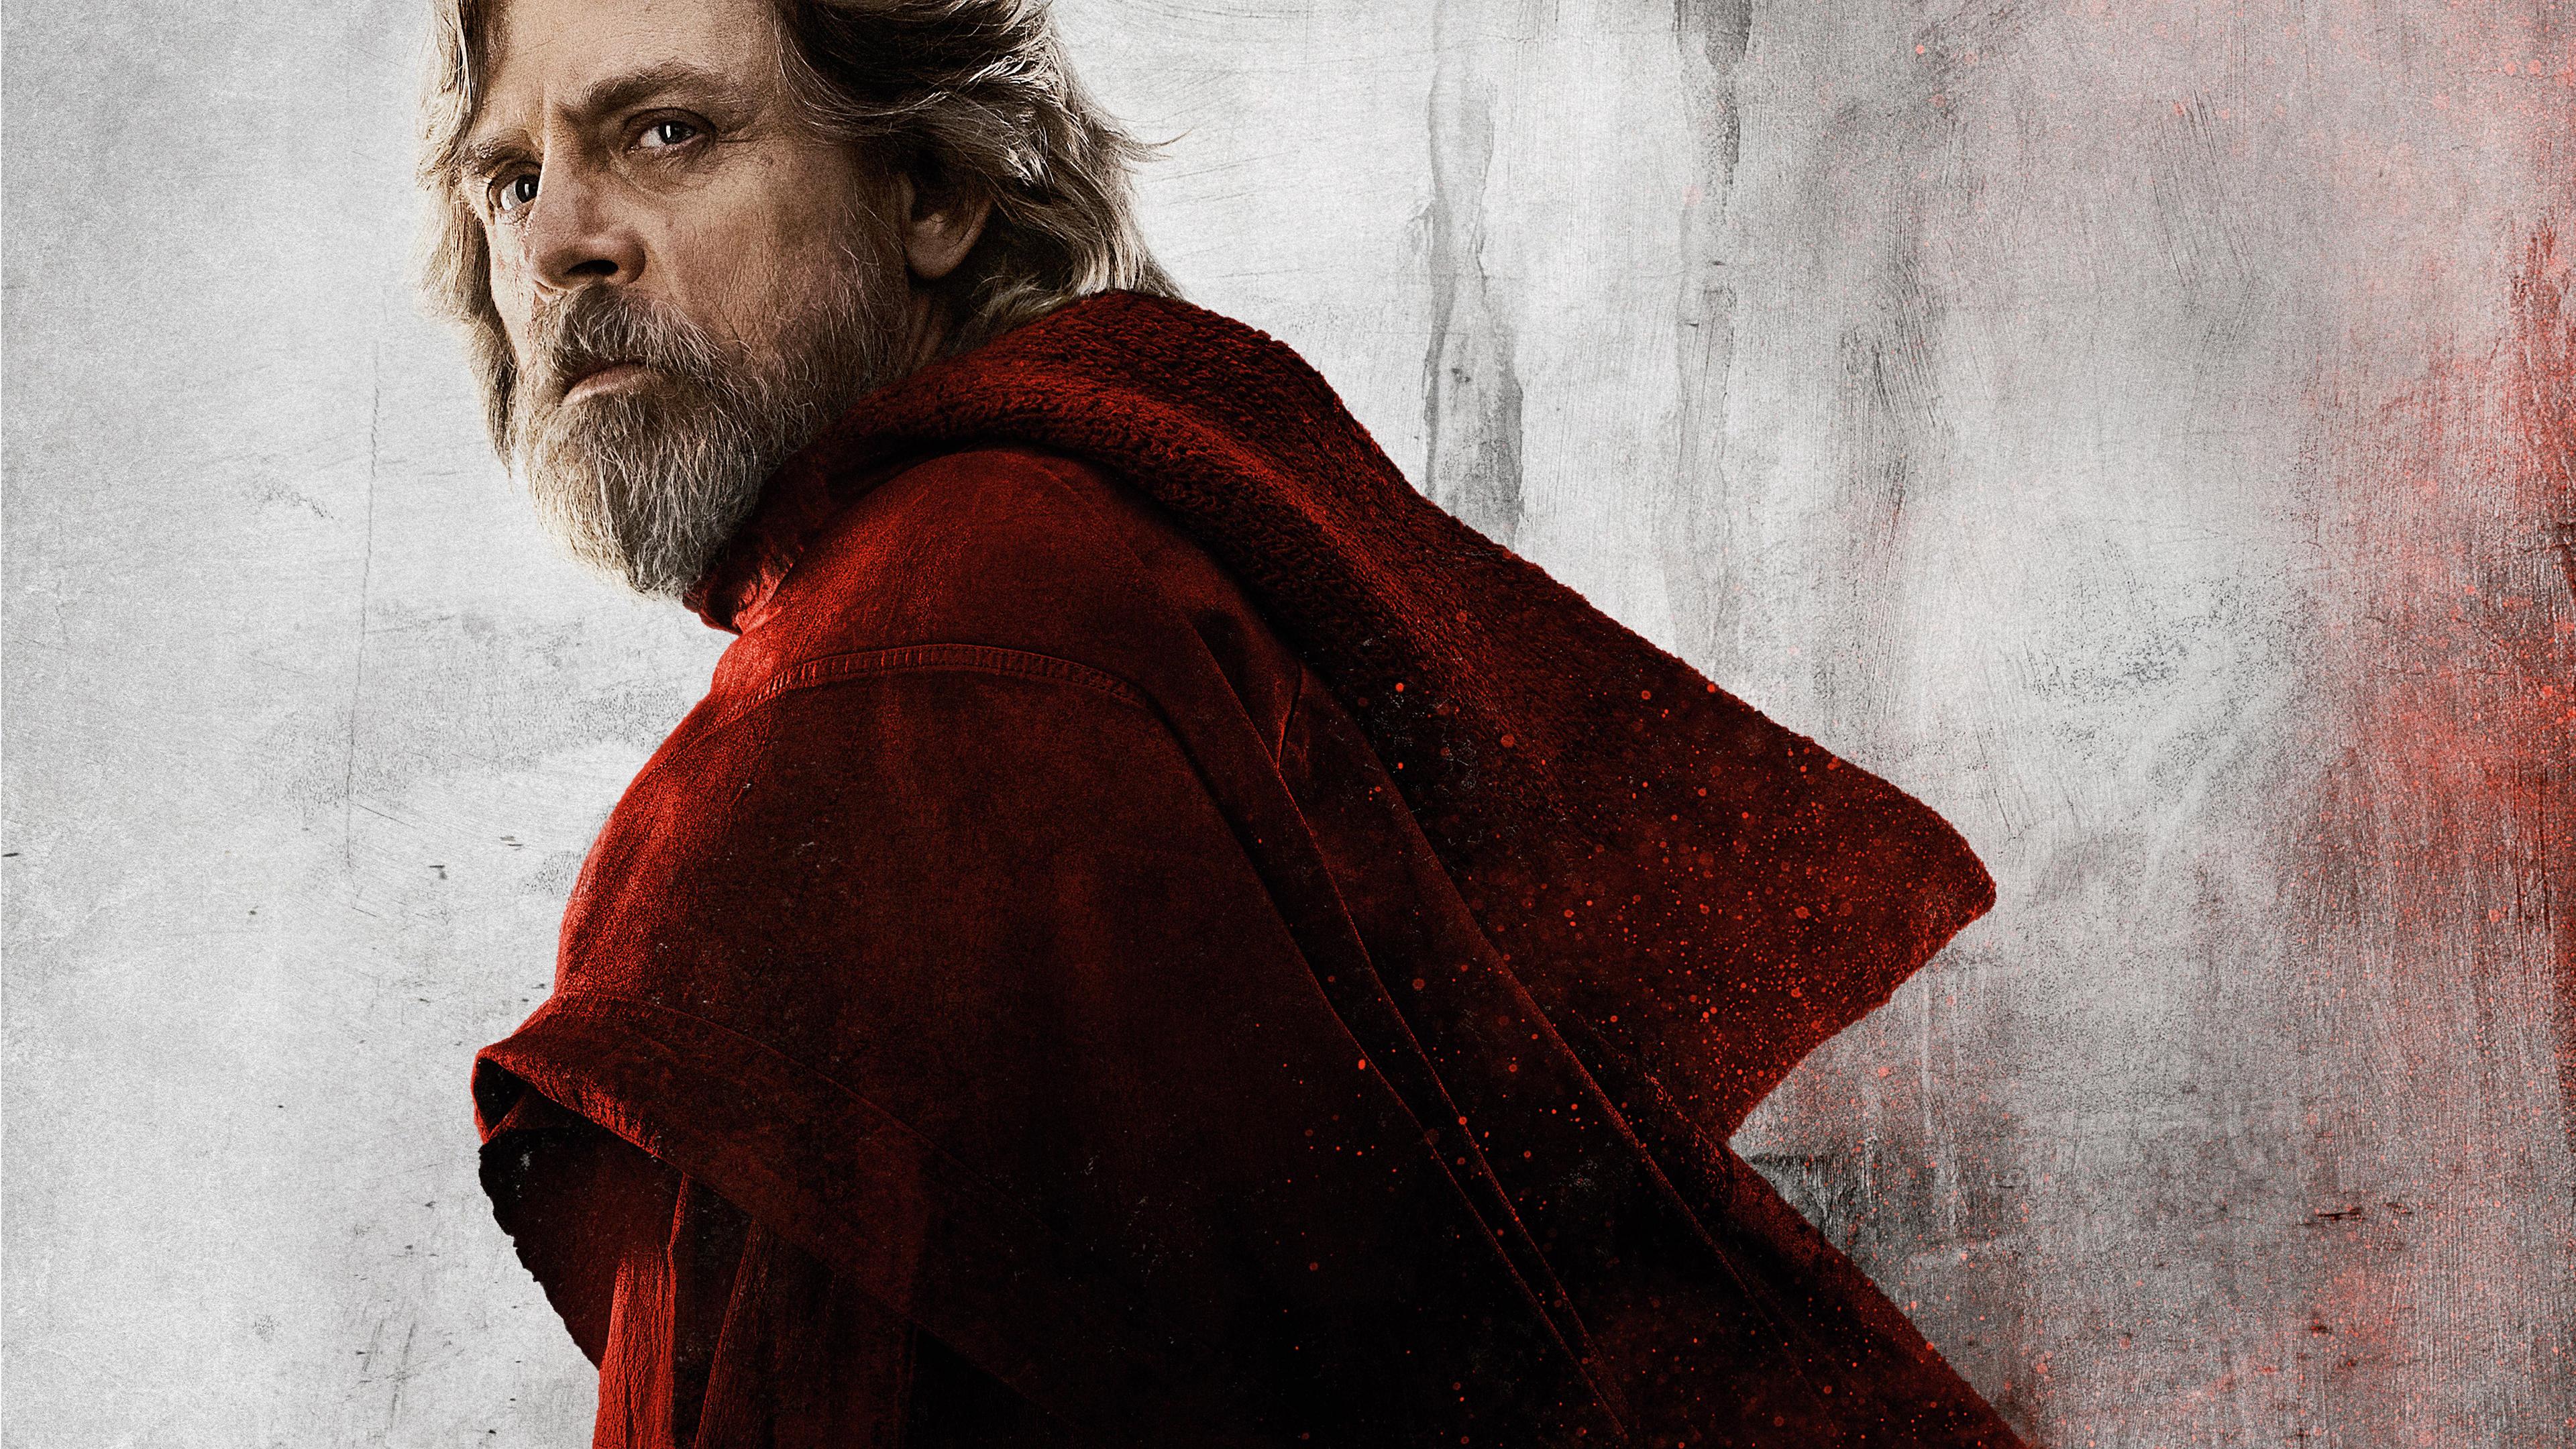 Star Wars Last Jedi Wallpaper: Star Wars: The Last Jedi